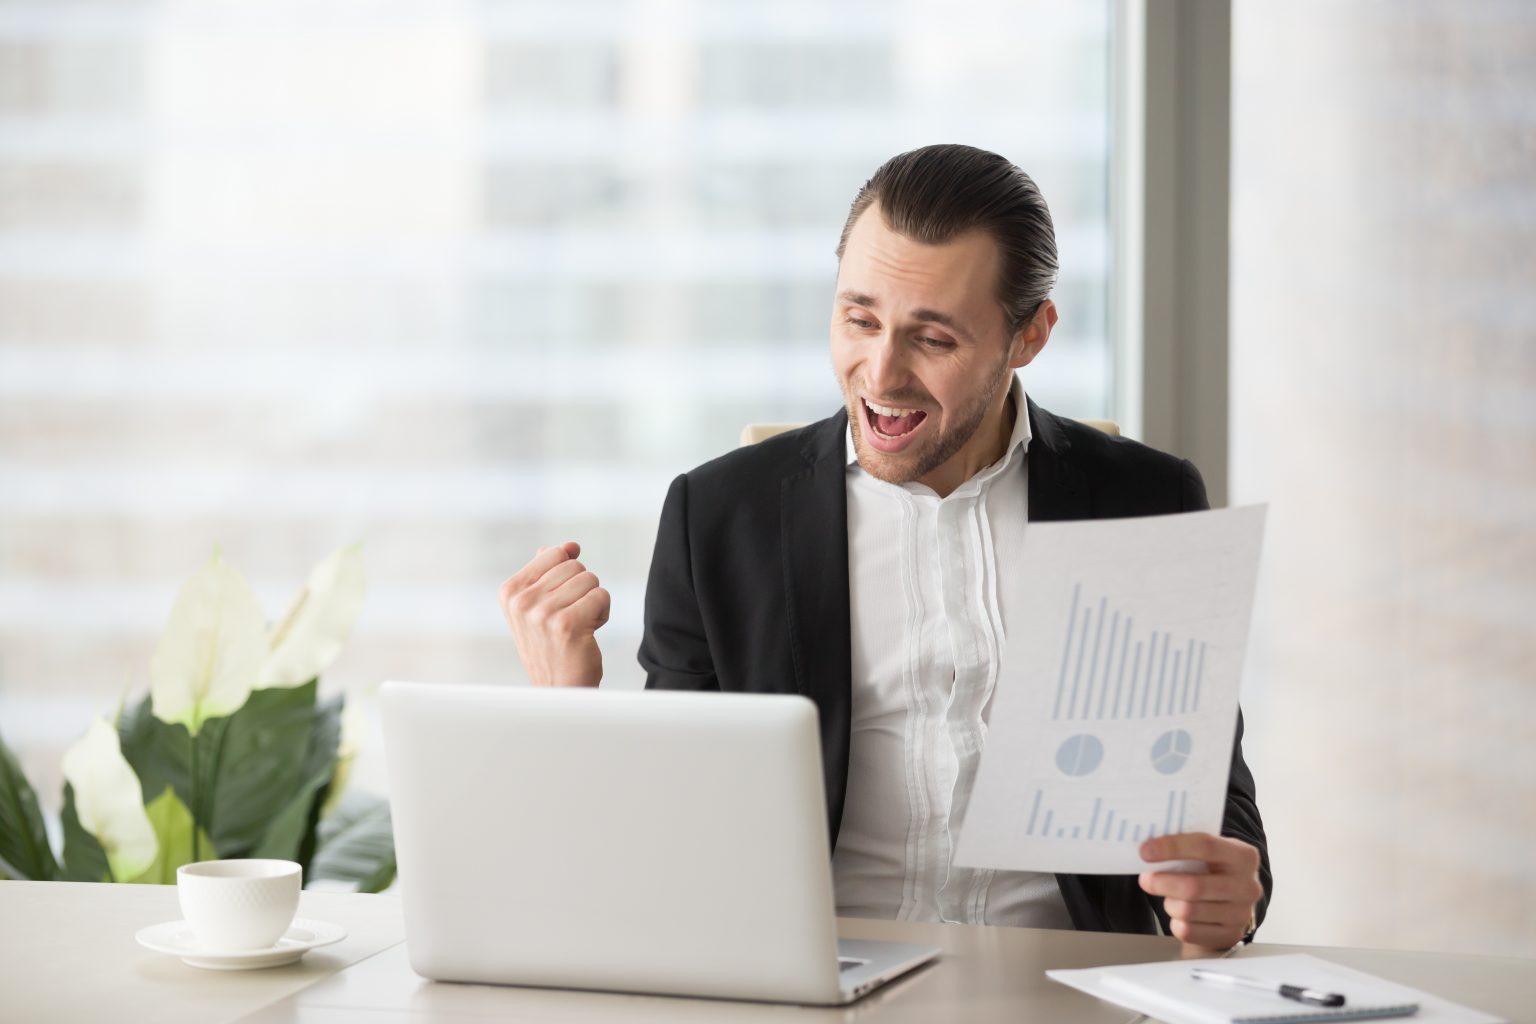 Geschäftsmann freut sich über Ergebnisse